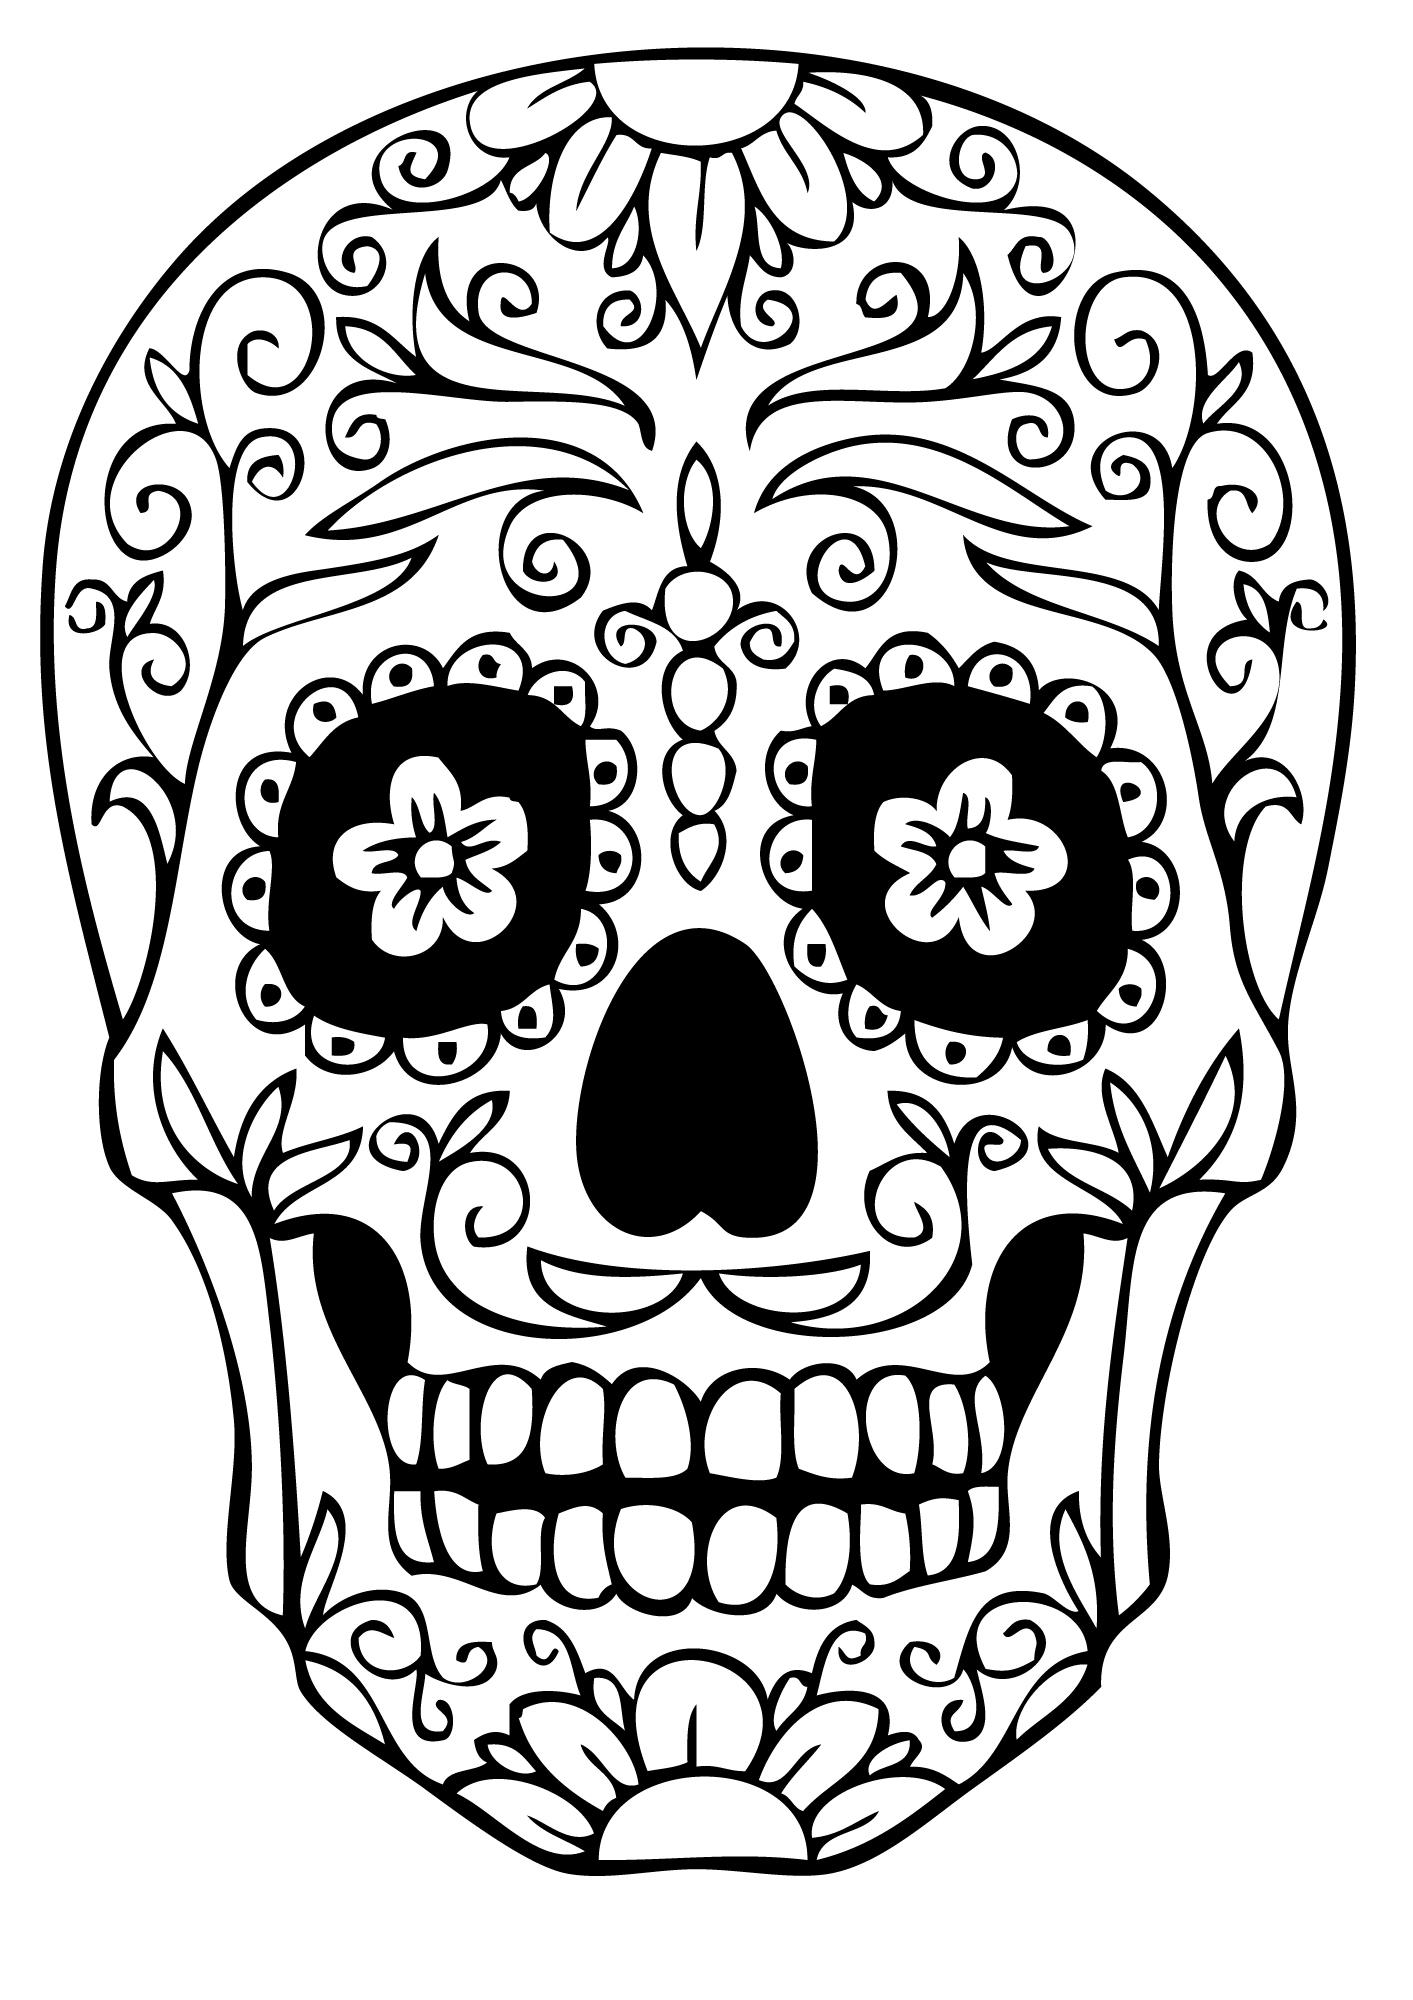 Dia de los muertos 16 coloriage d a de los muertos le jour des morts coloriages pour enfants - Dessin tete de mort mexicaine ...